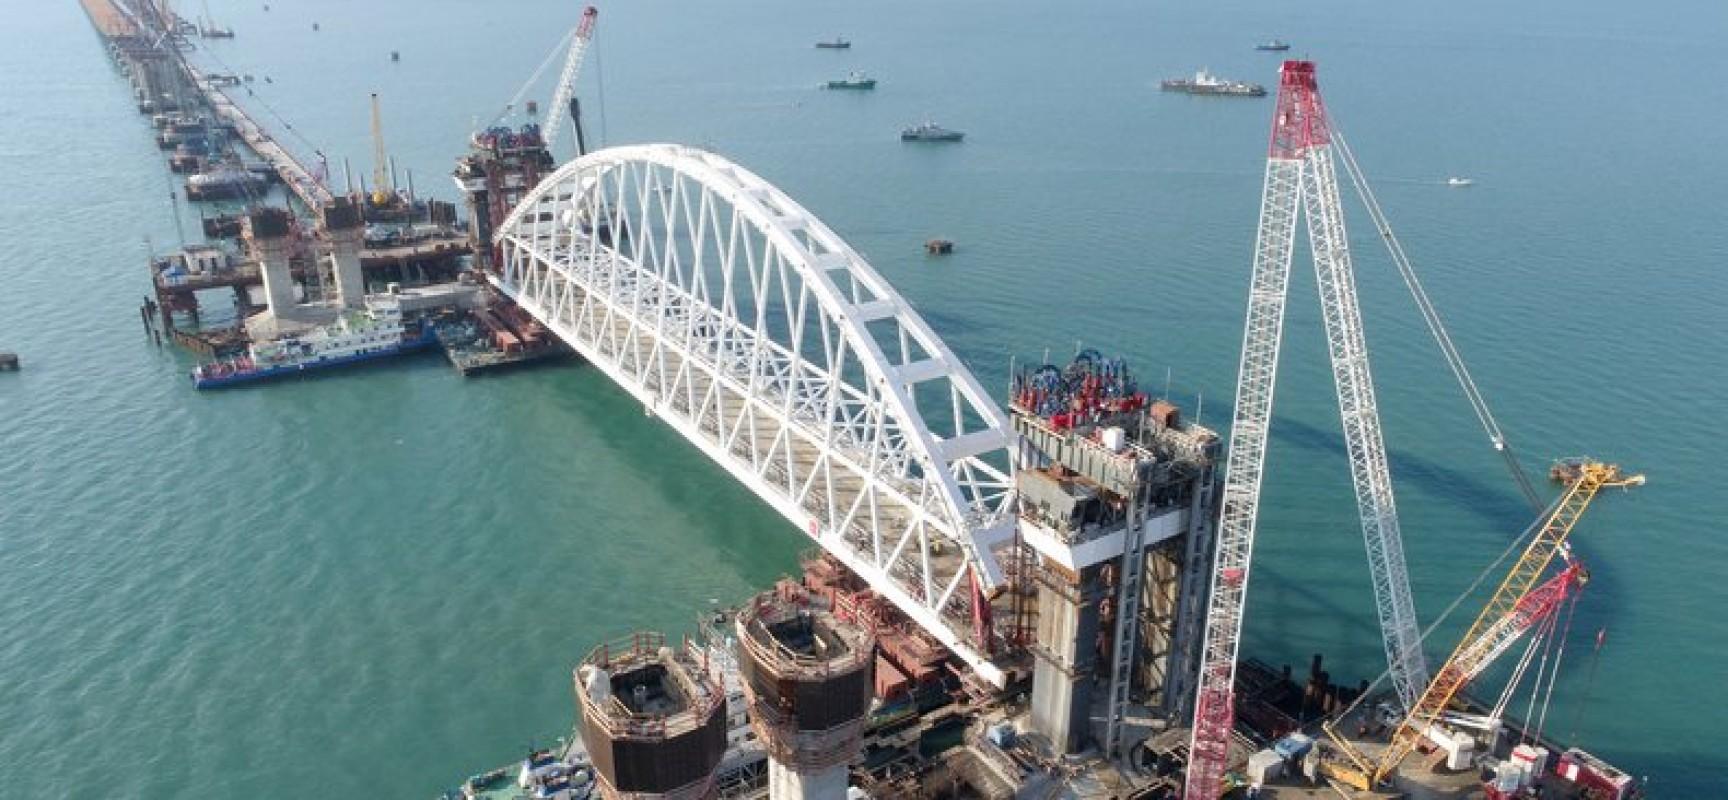 Использование системы мониторинга транспорта при строительстве Керченского моста